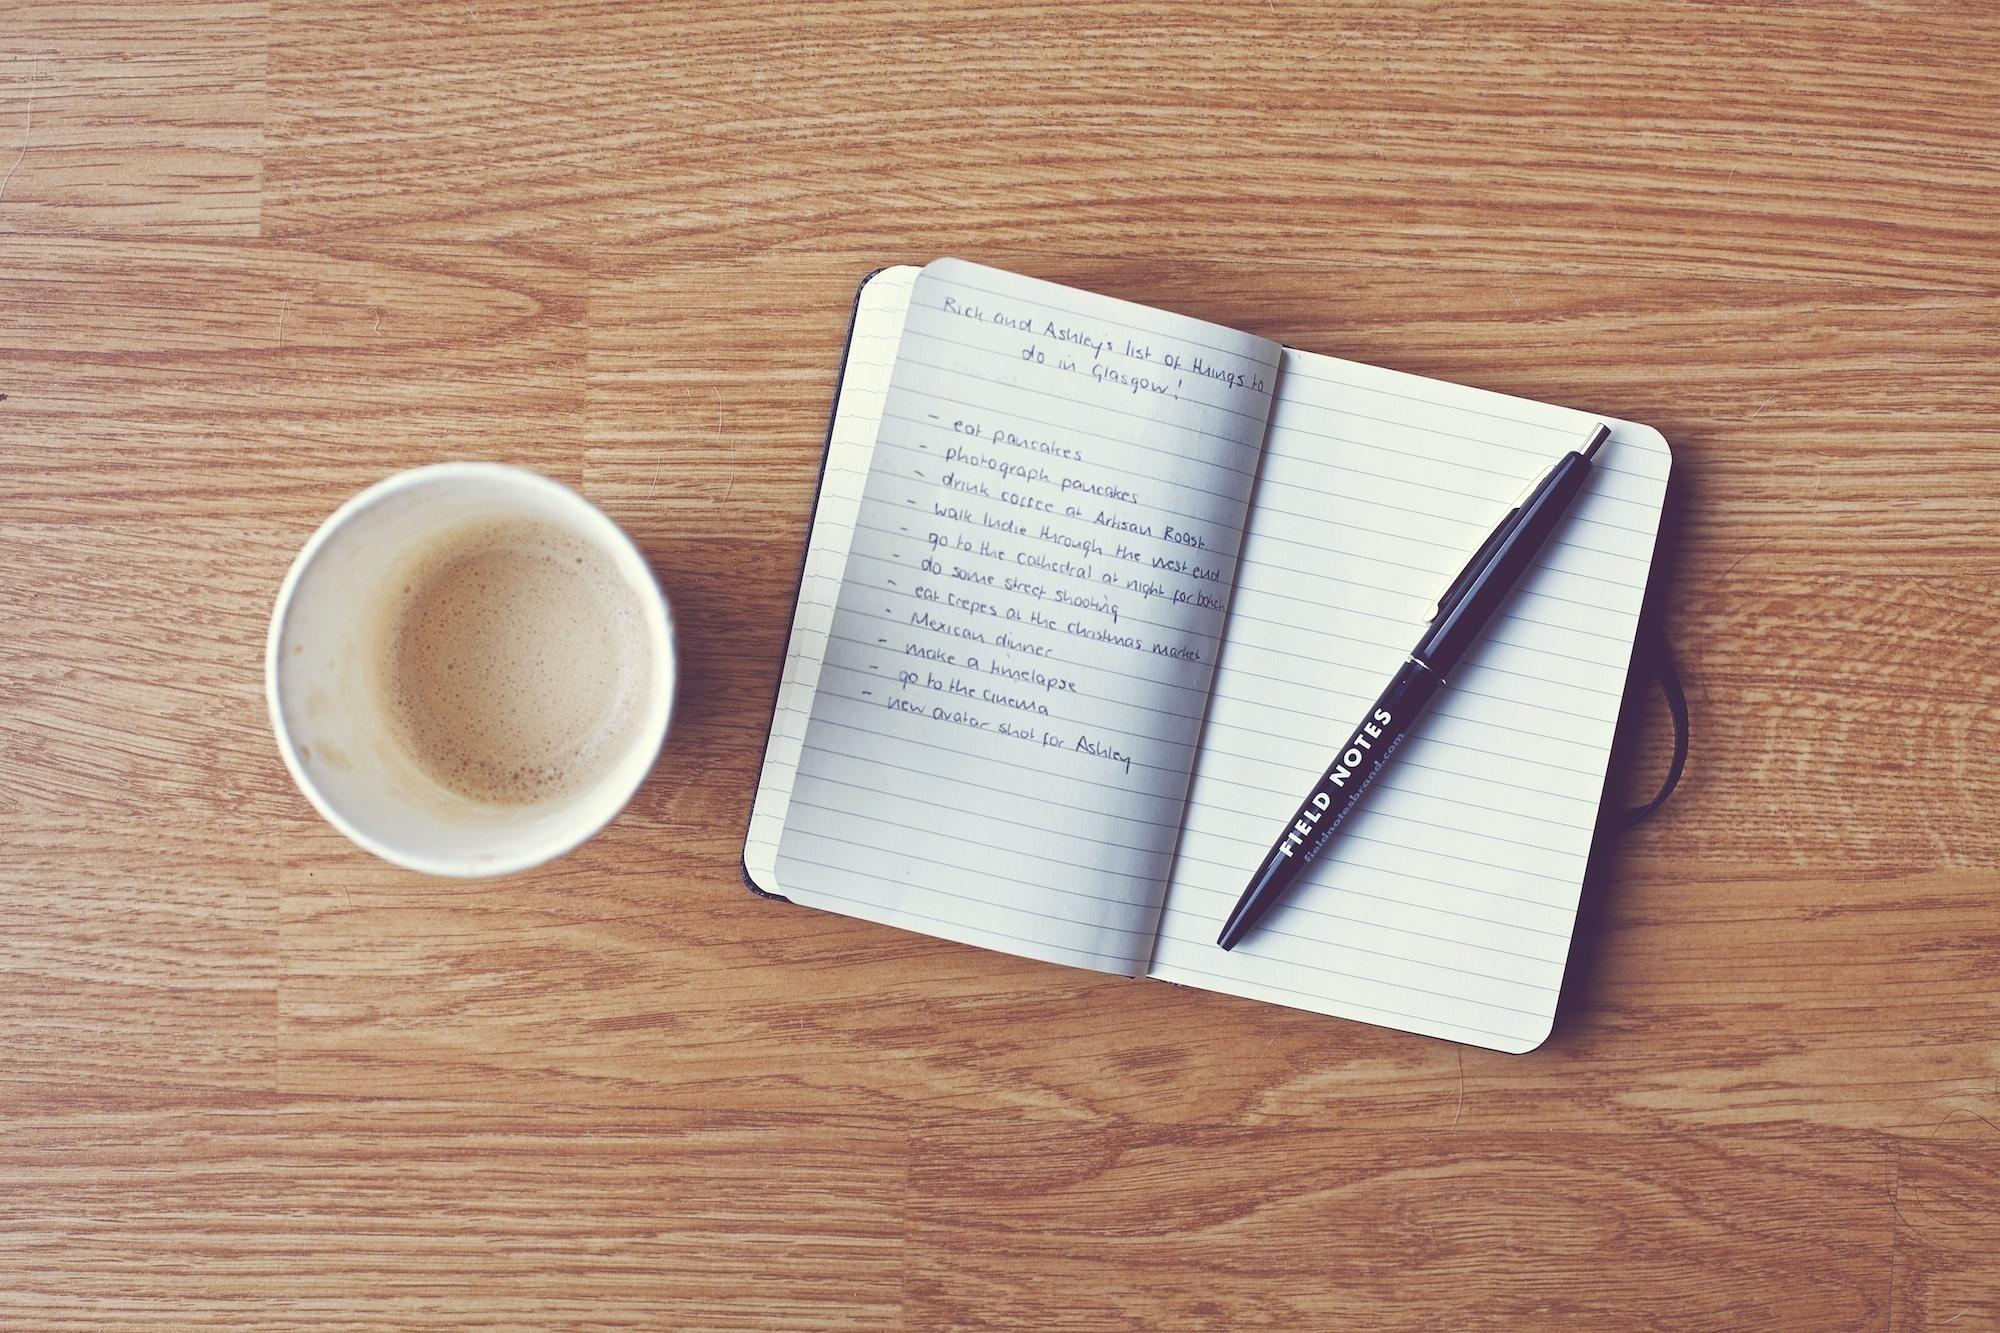 Writers memo